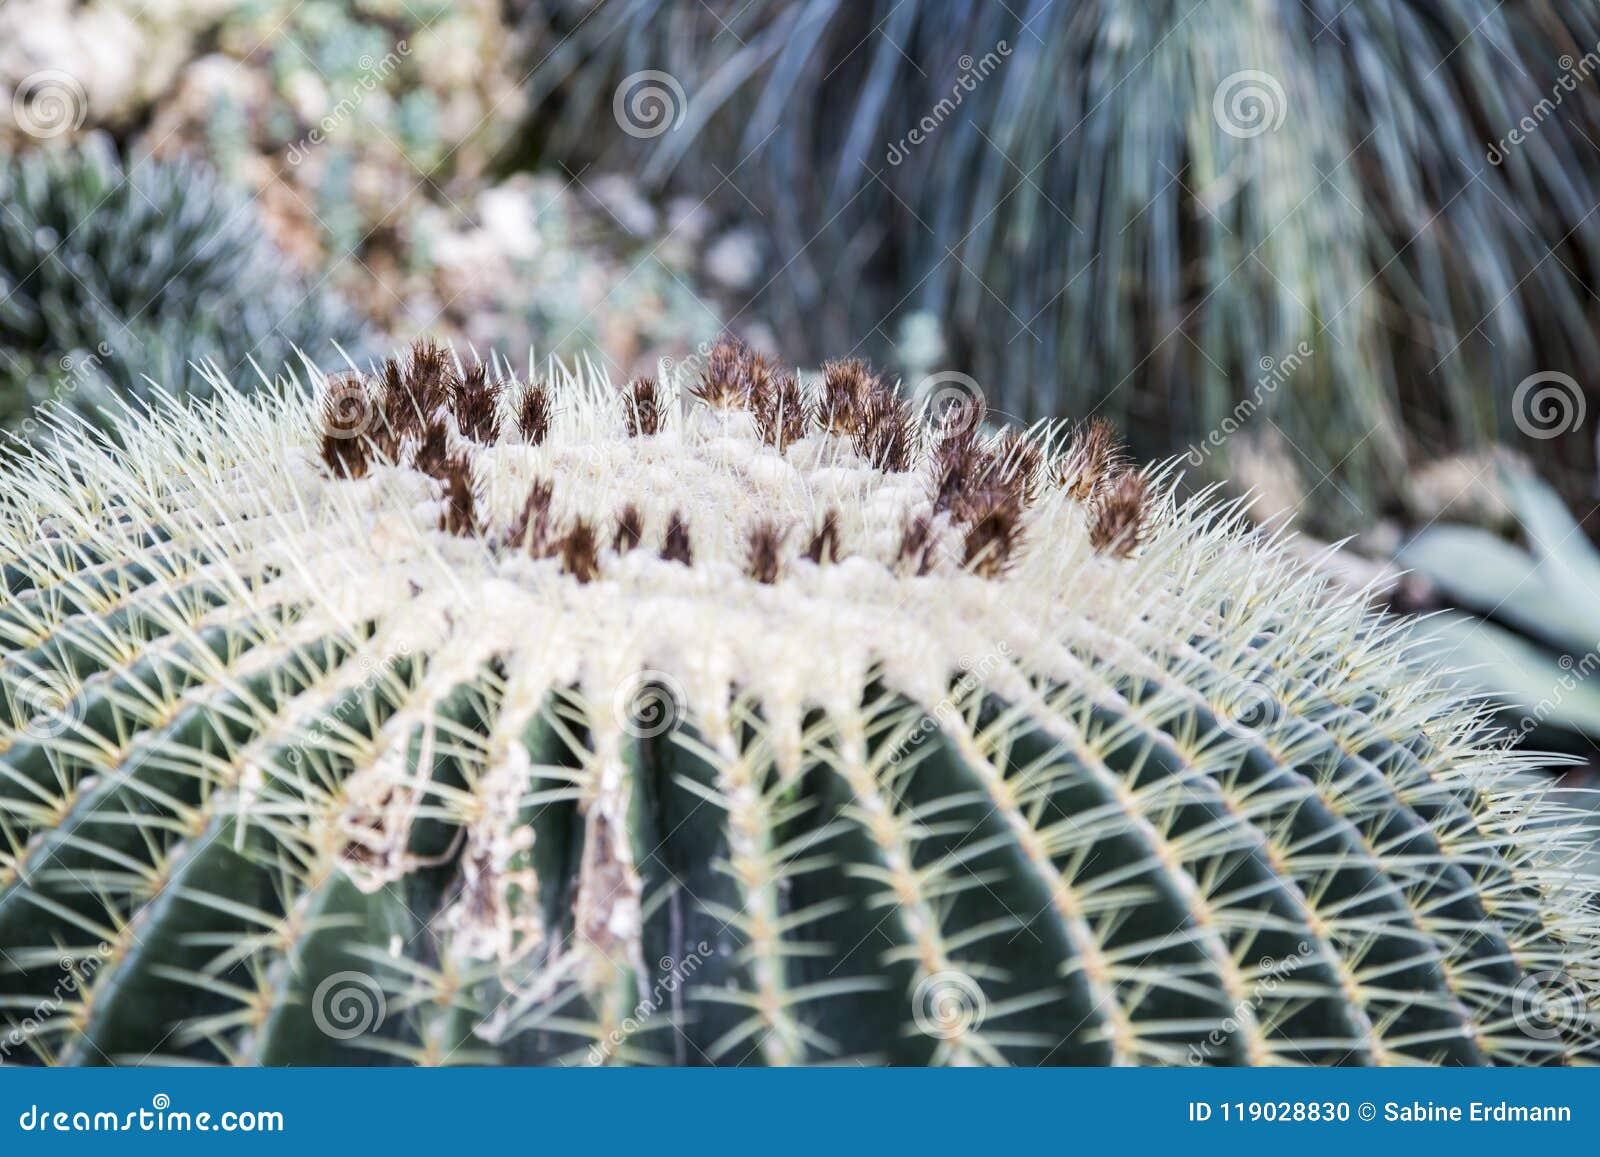 Echinocactus grusonii, złoty lufowy kaktus